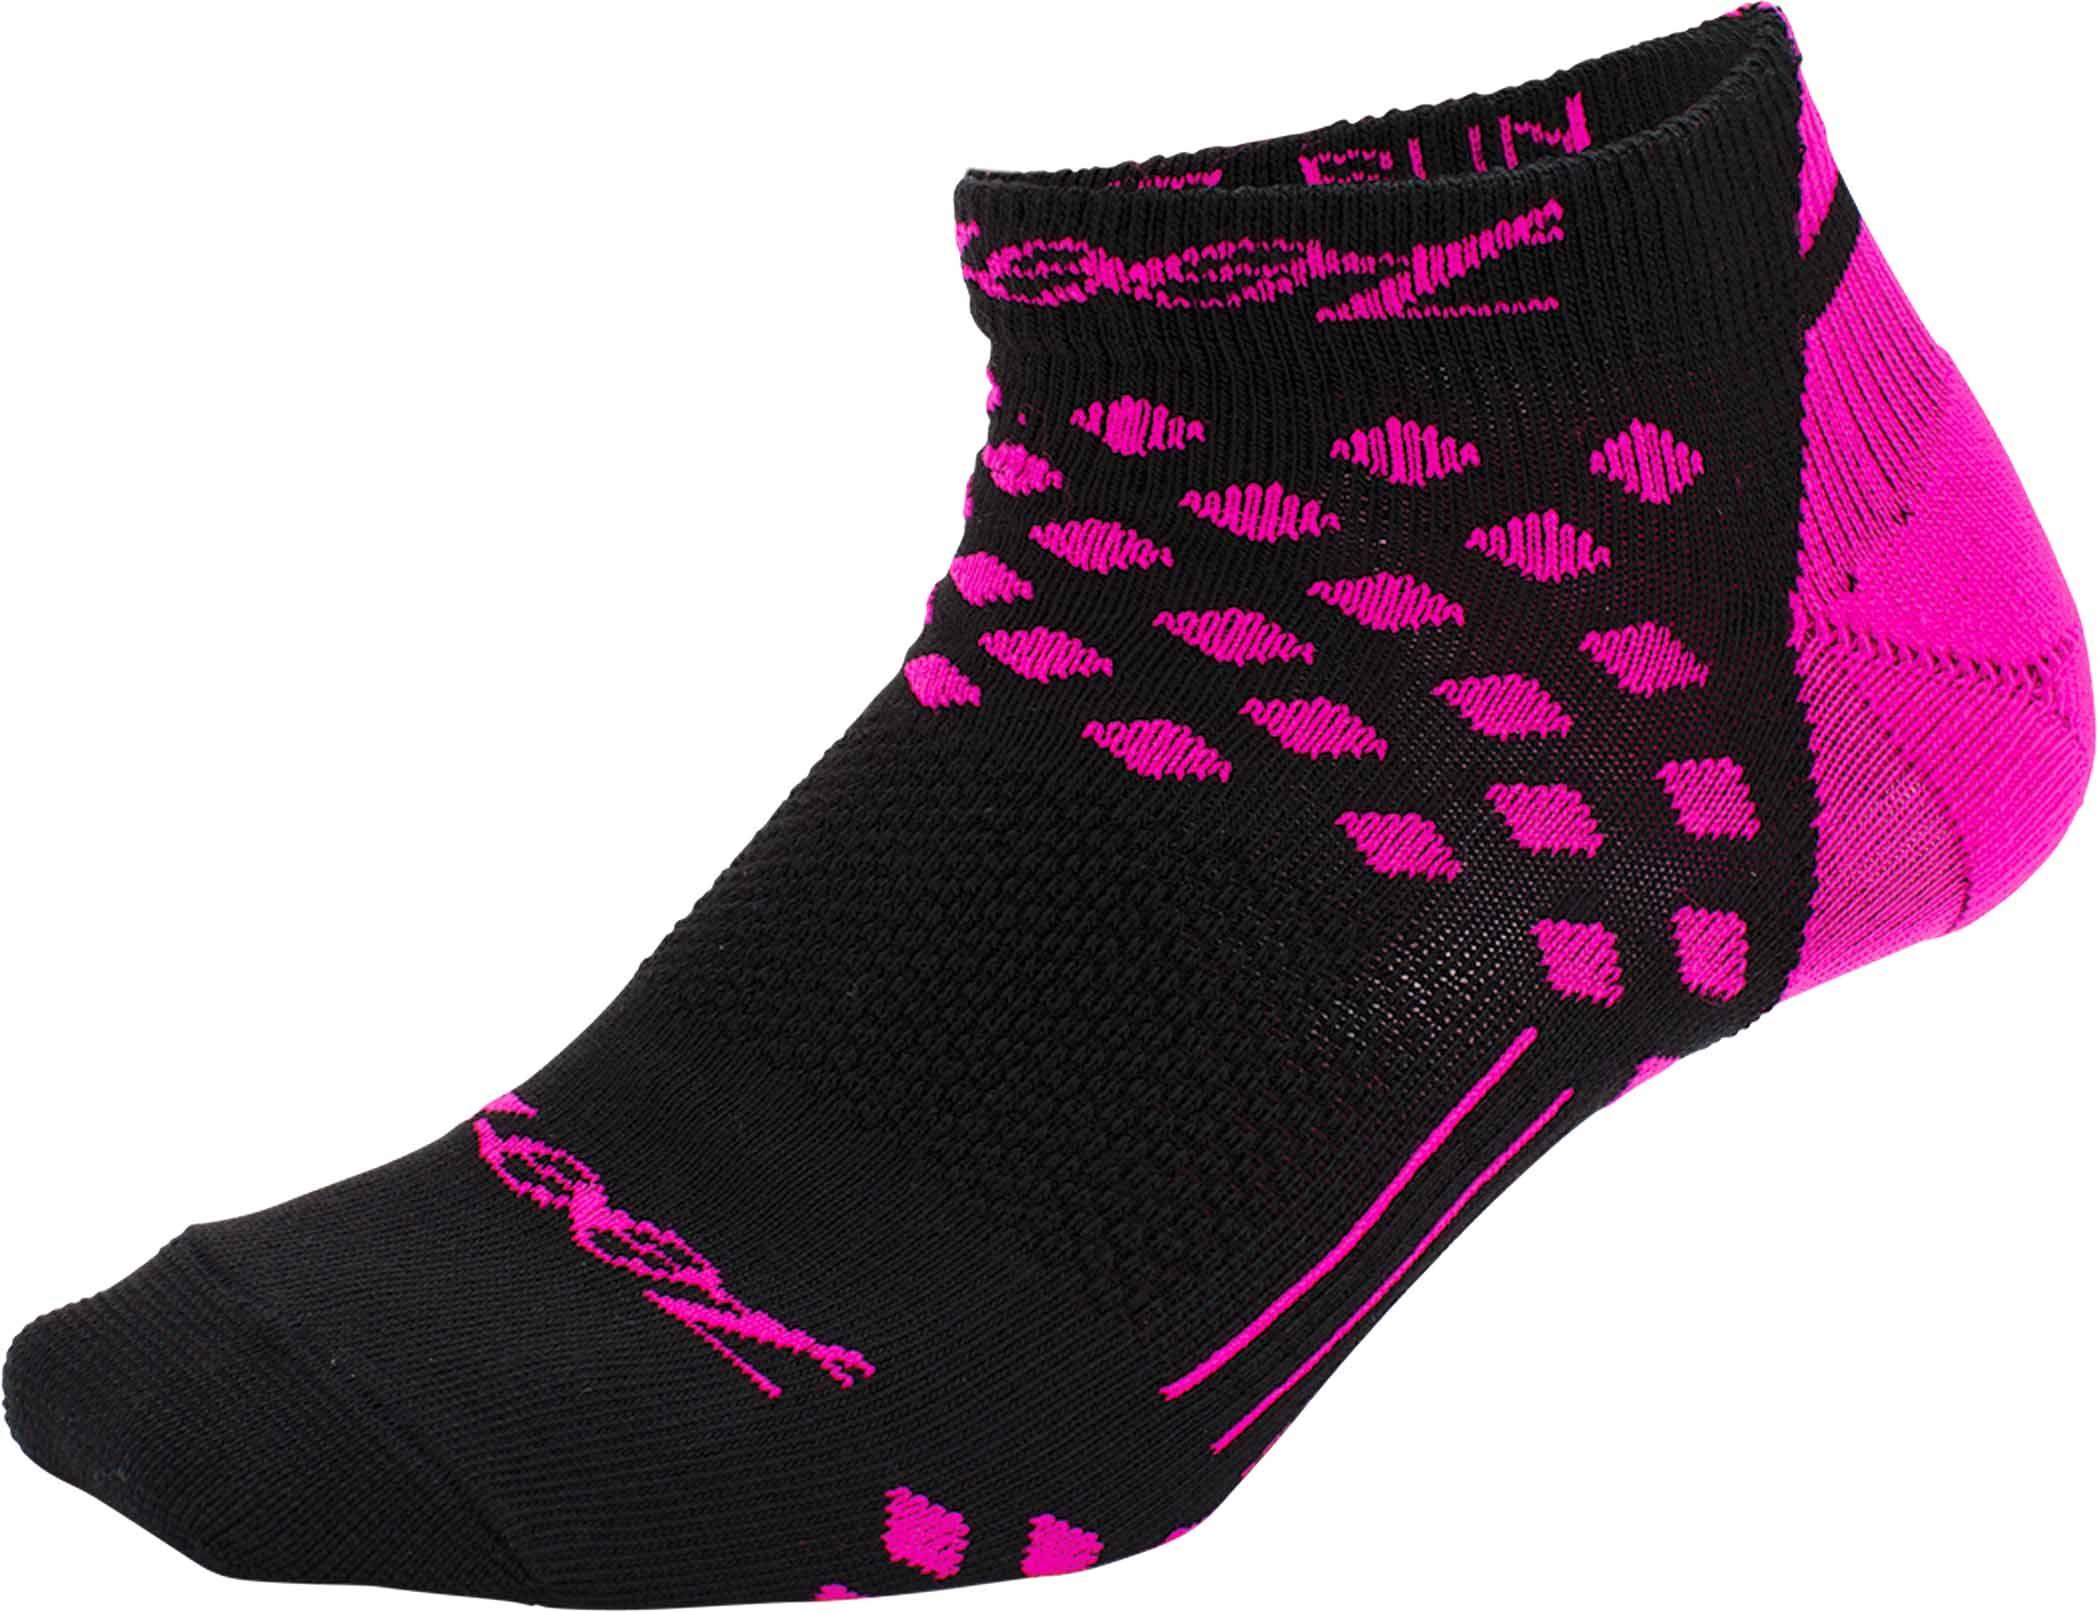 【7號公園自行車】ZOOT CRX TT LOW SOCK 肌能壓縮運動襪